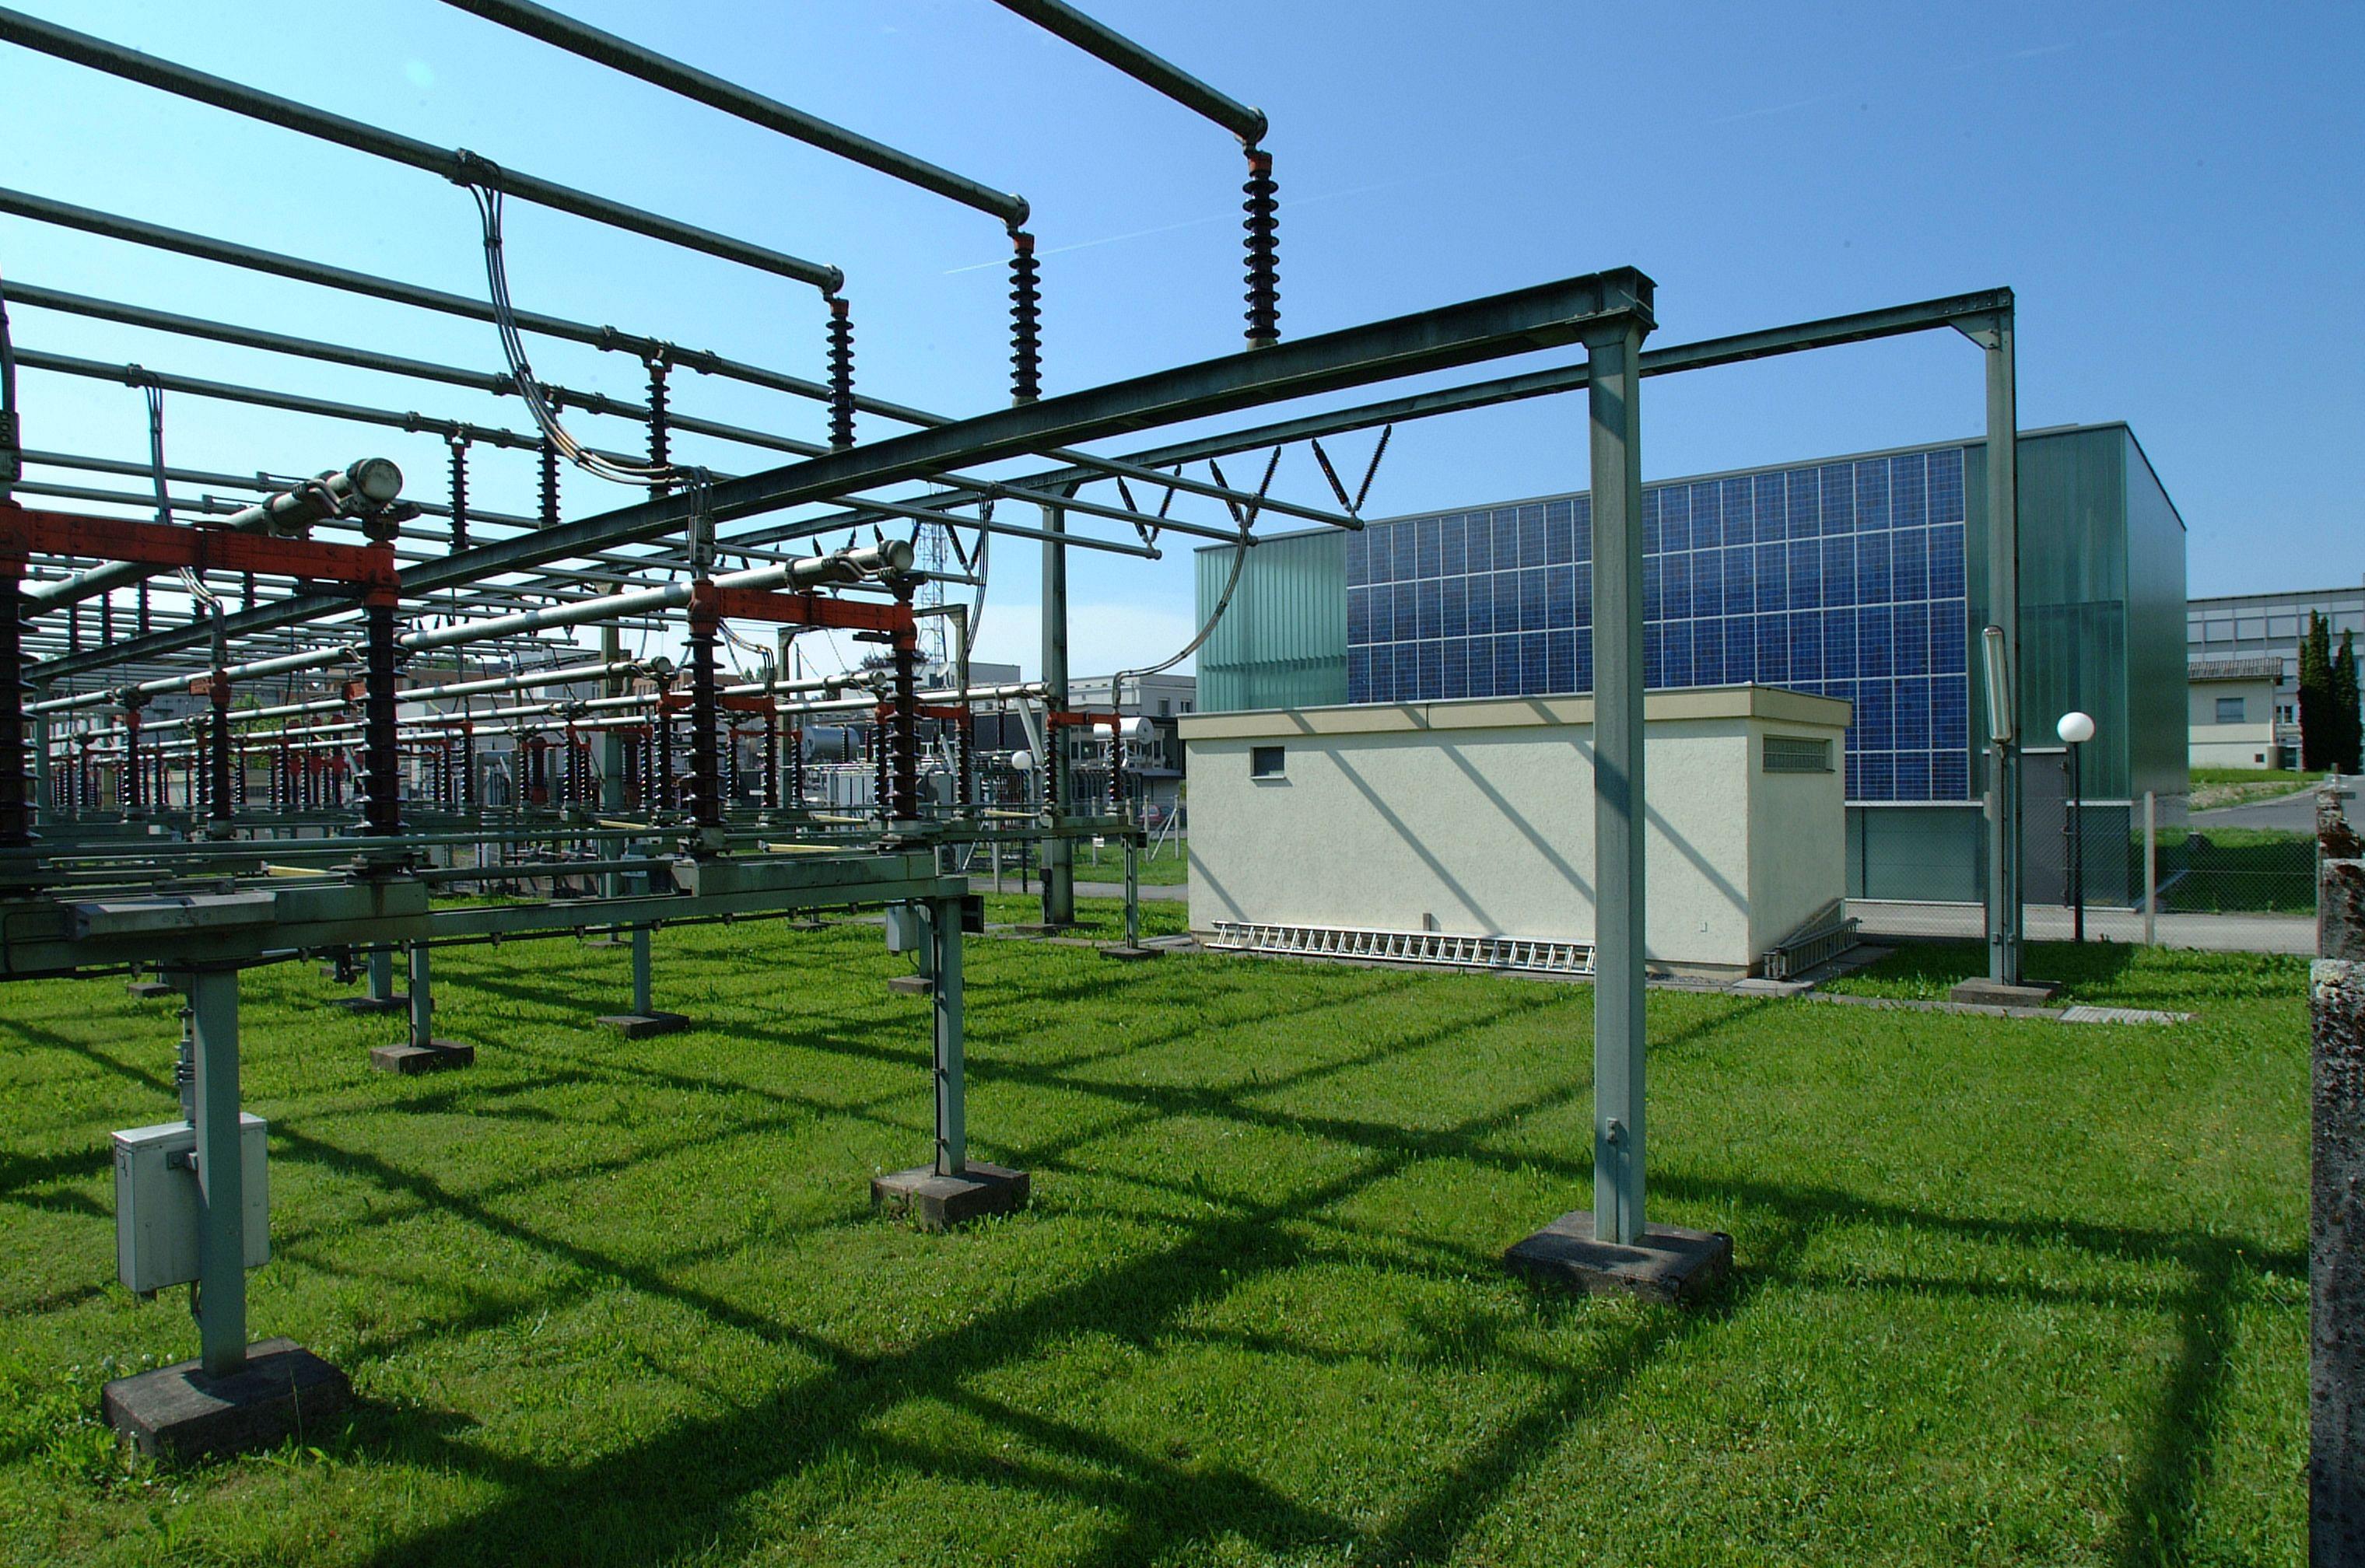 Fassade Umspannwerk Rieden Vorarlberg © Christine Kees, stromaufwärts Photovoltaik GmbH